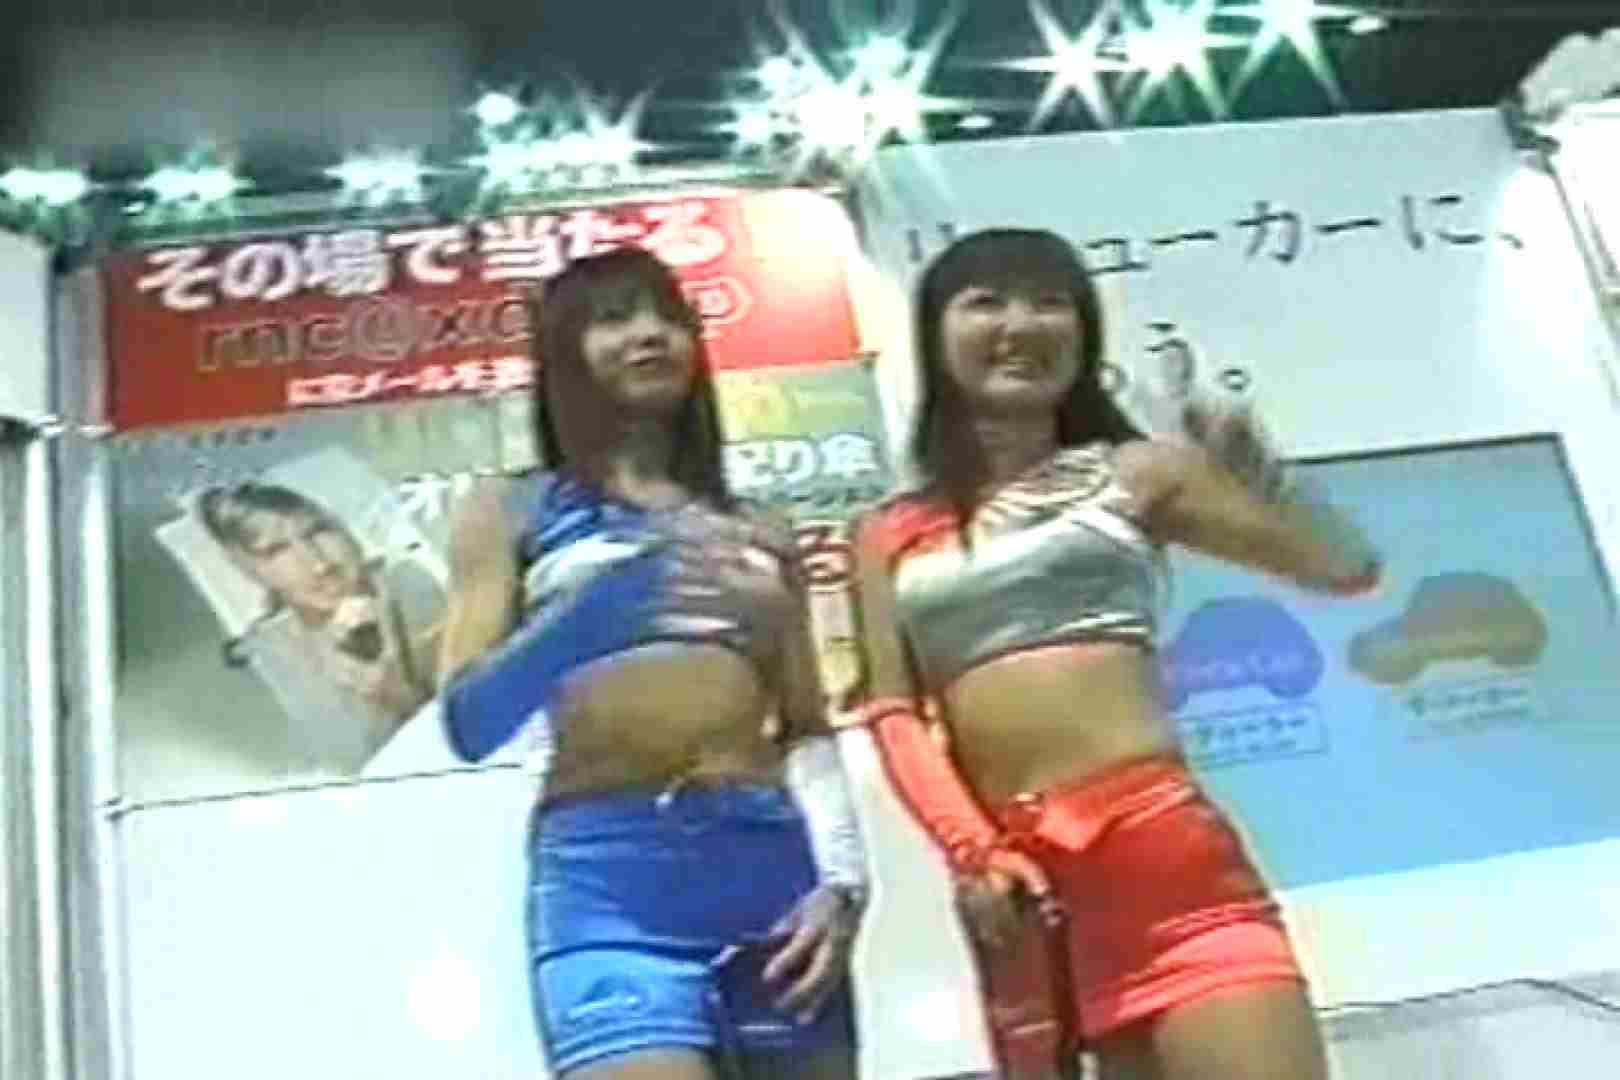 RQカメラ地獄Vol.23 HなOL アダルト動画キャプチャ 106pic 37